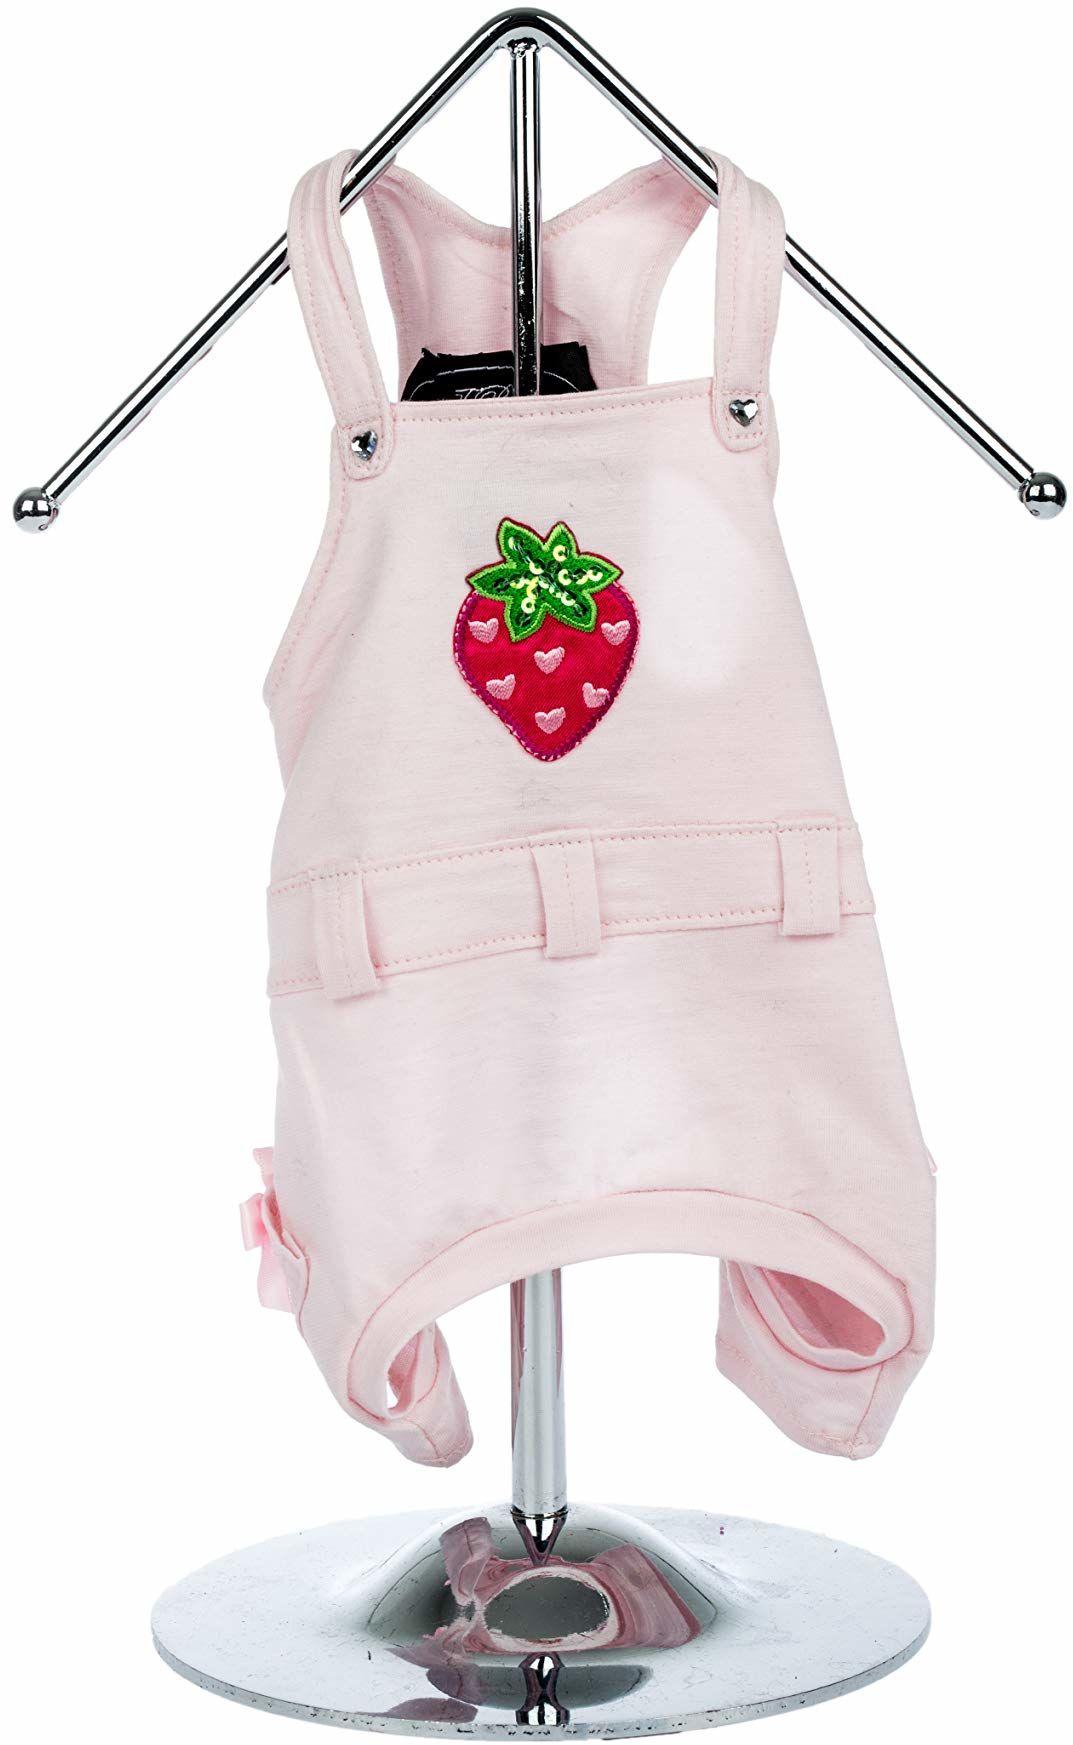 Trilly All Brilli 15-Malva spodnie ogrodniczki Malva z truskawką i sercami Swarovskiego, aplikacja termiczna, XS, różowe